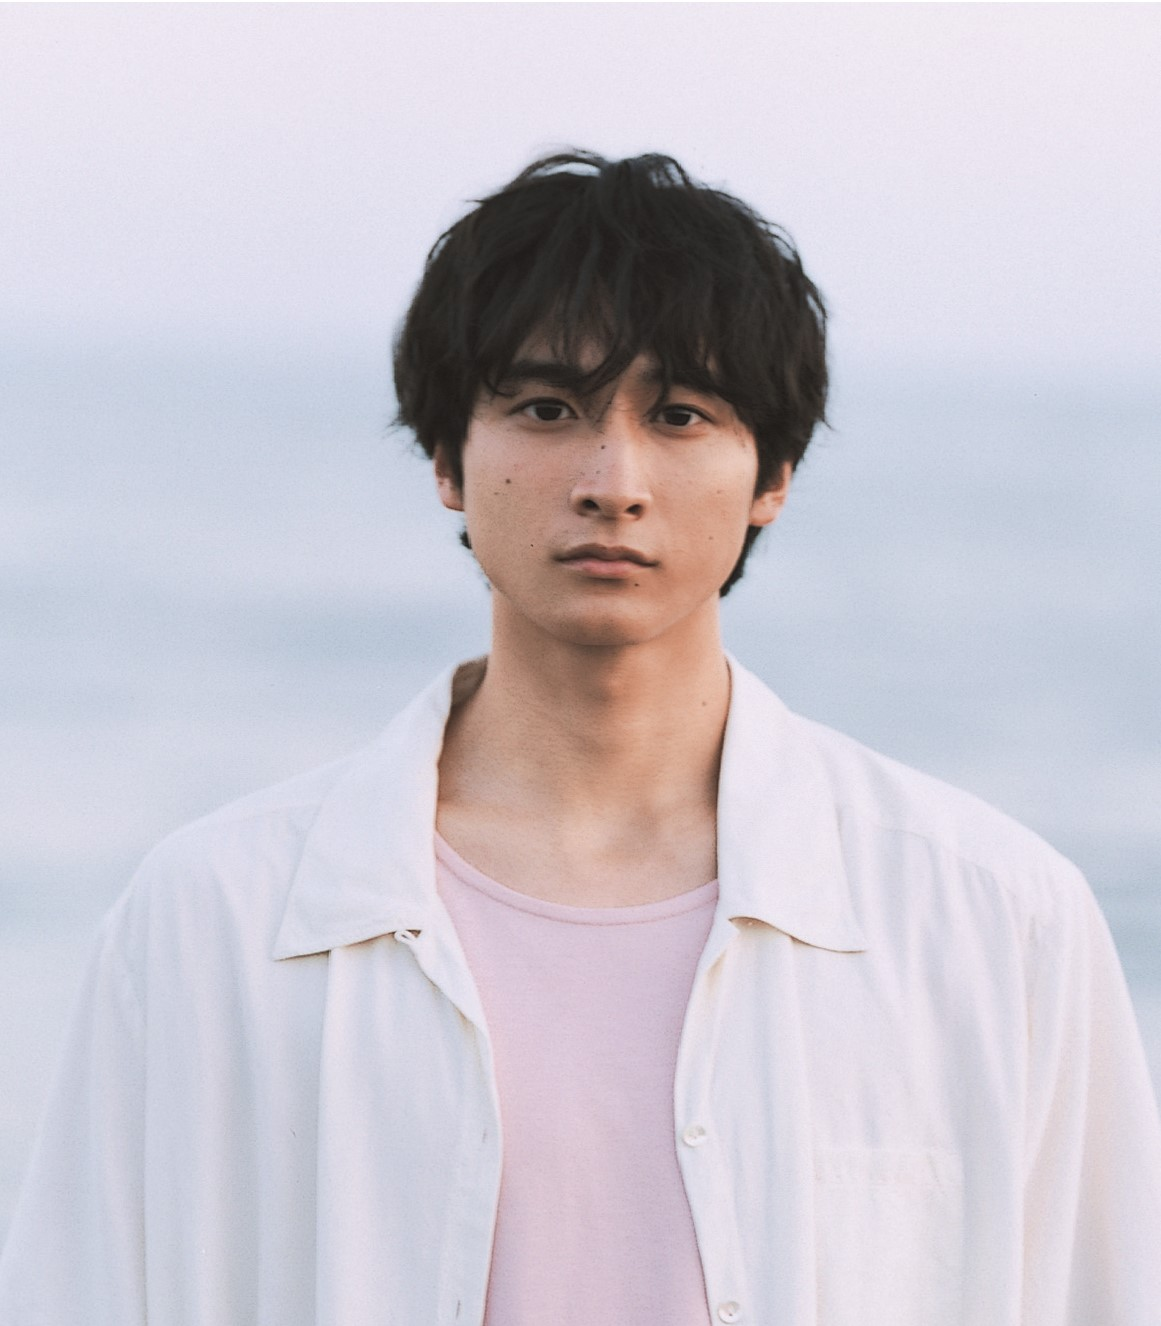 帝京大学板橋キャンパス帝桜祭俳優トークショー